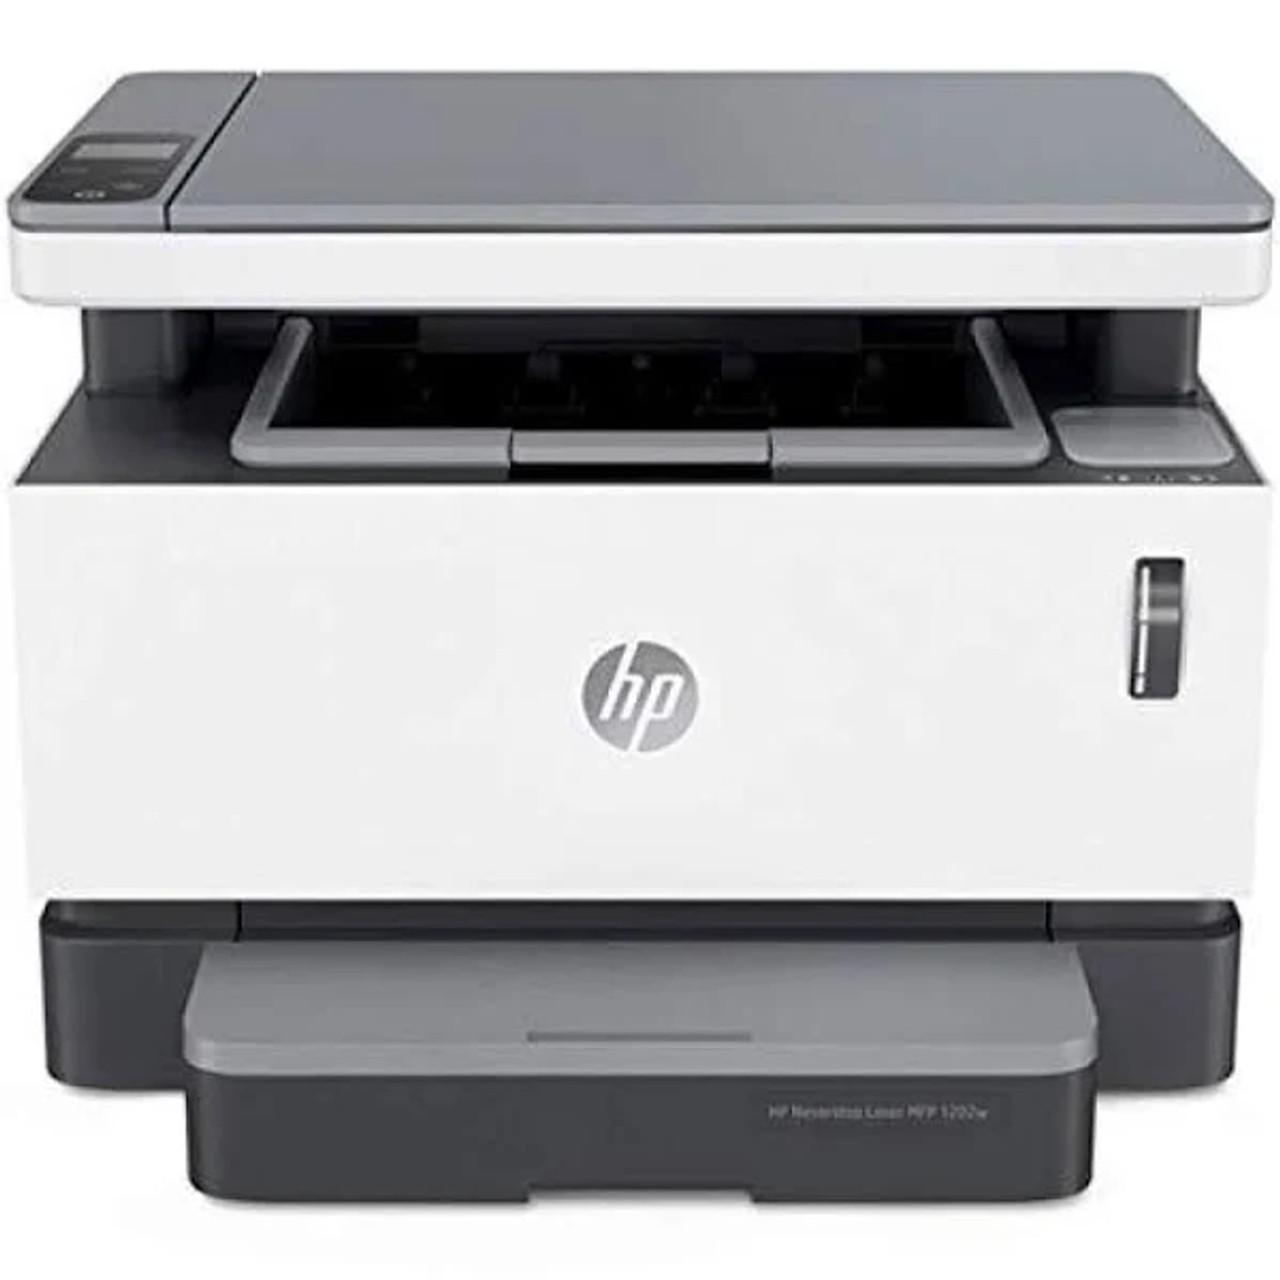 HP Neverstop Laser MFP 1202w - 5HG92A#BGJ